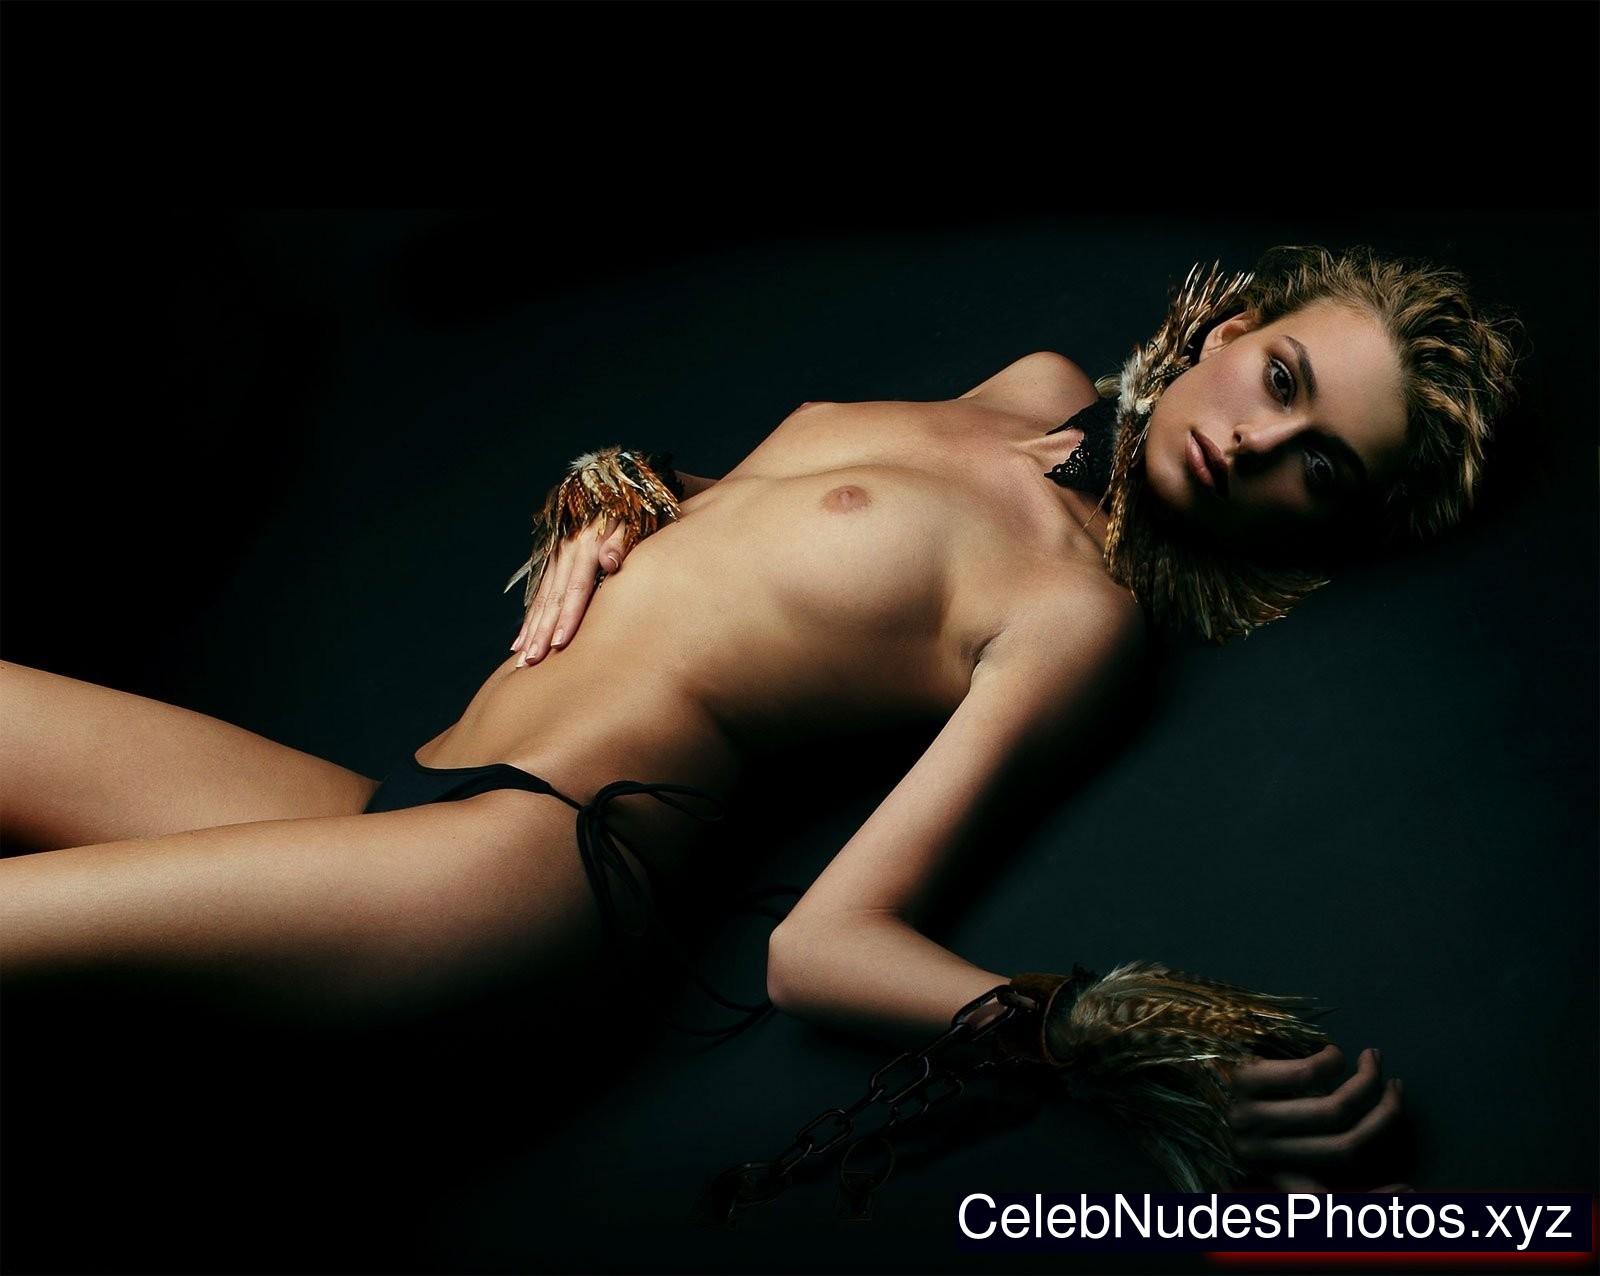 Эро фото кира, Голая Кира Найтли:фото (пляжные, глянец, фейки) 7 фотография